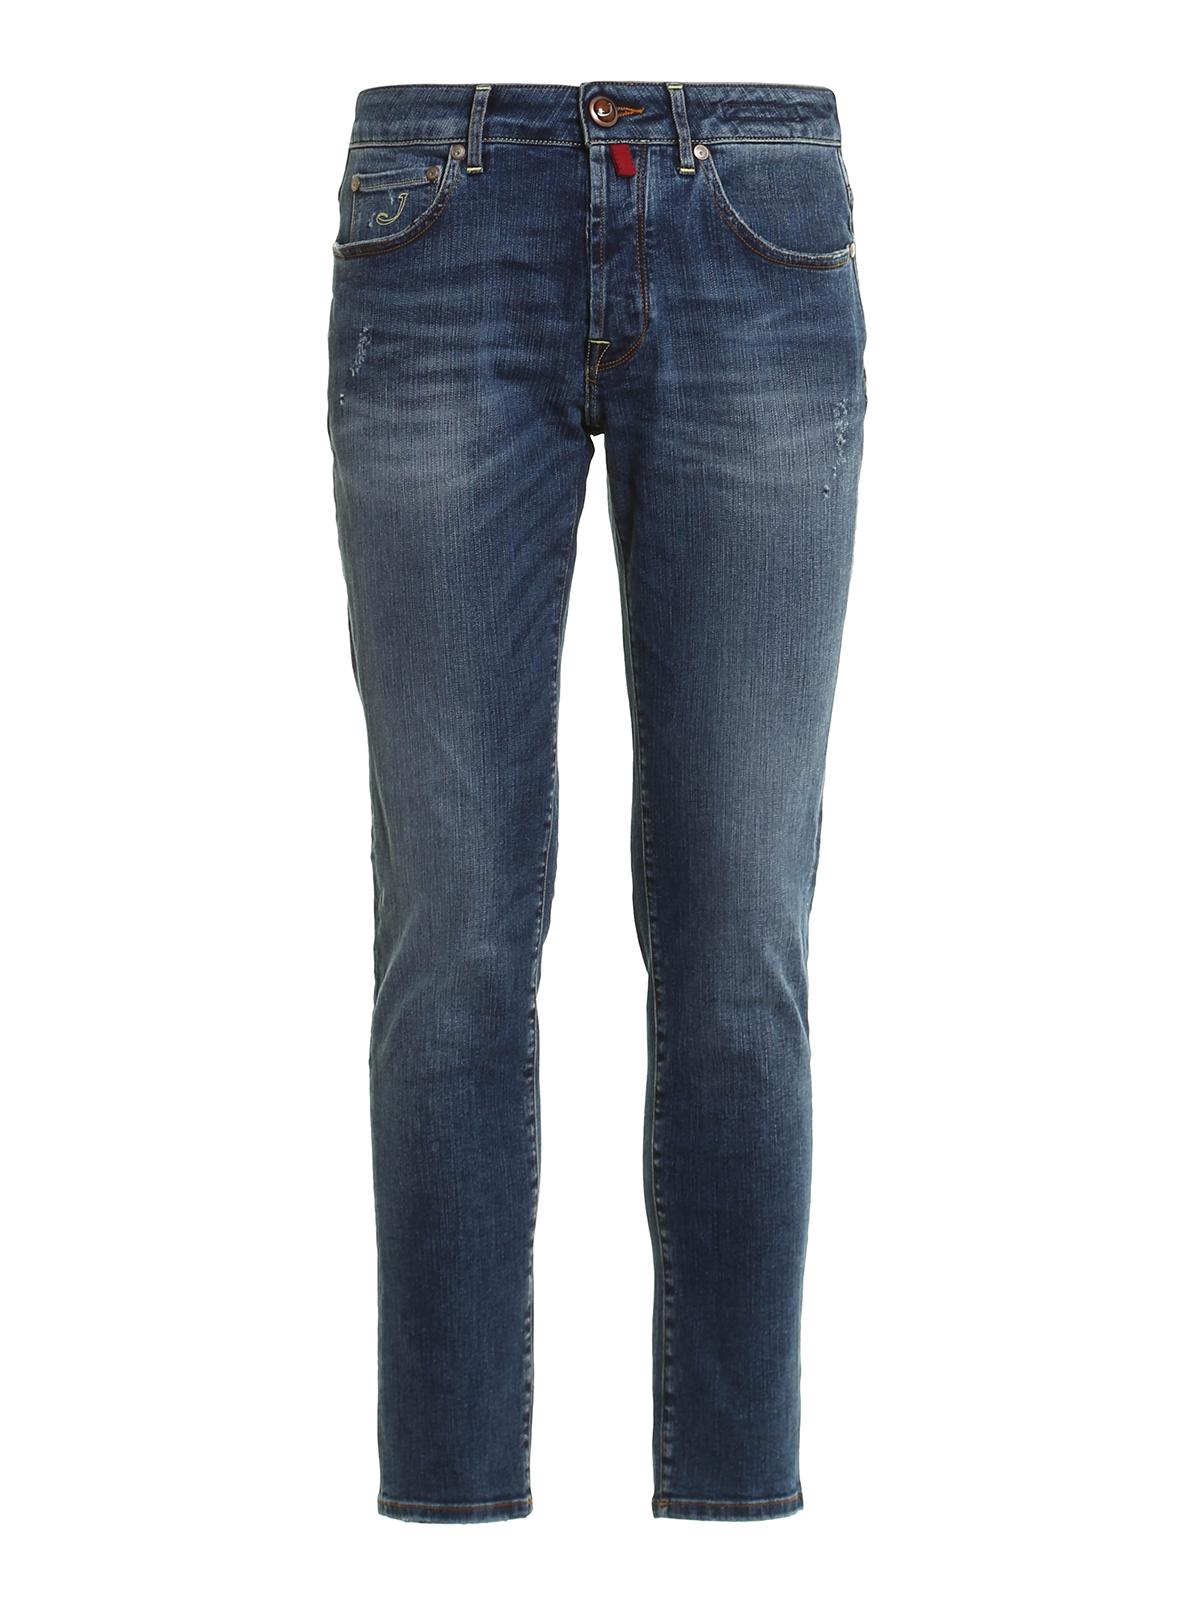 Buddy denim comfy jeans by jacob cohen straight leg - Jacob cohen denim ...